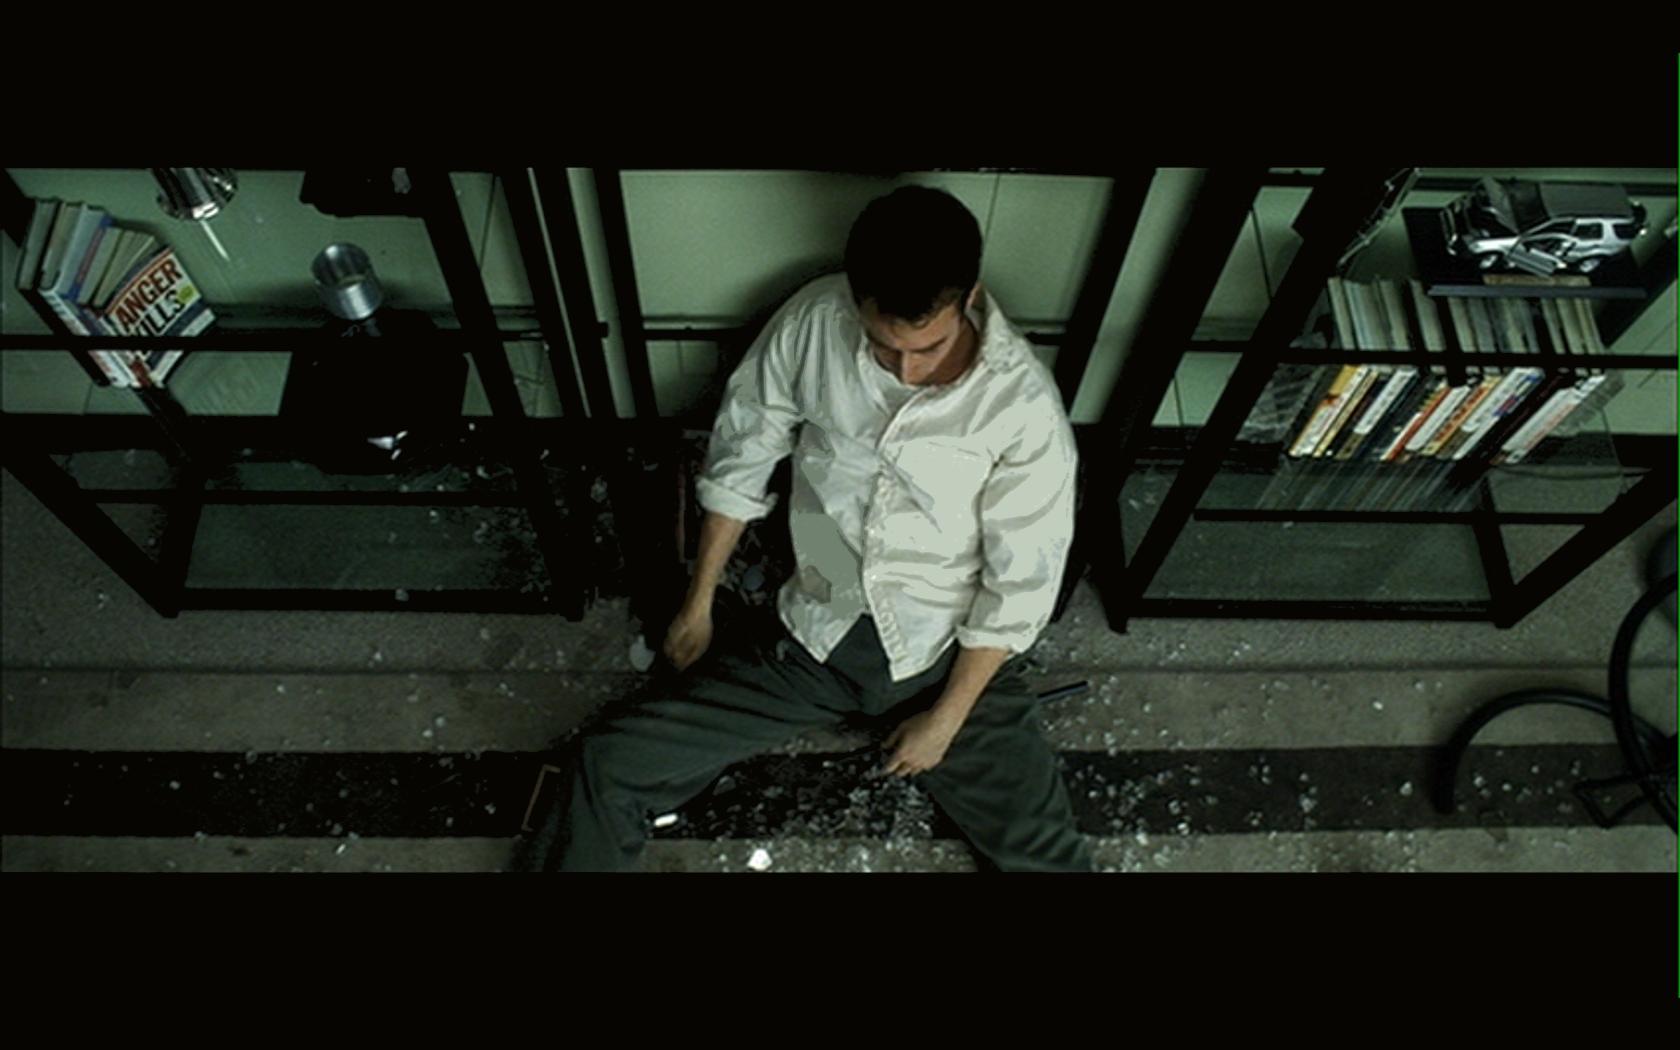 Fight Club Film Wallpaper 54 1680x1050 1680x1050